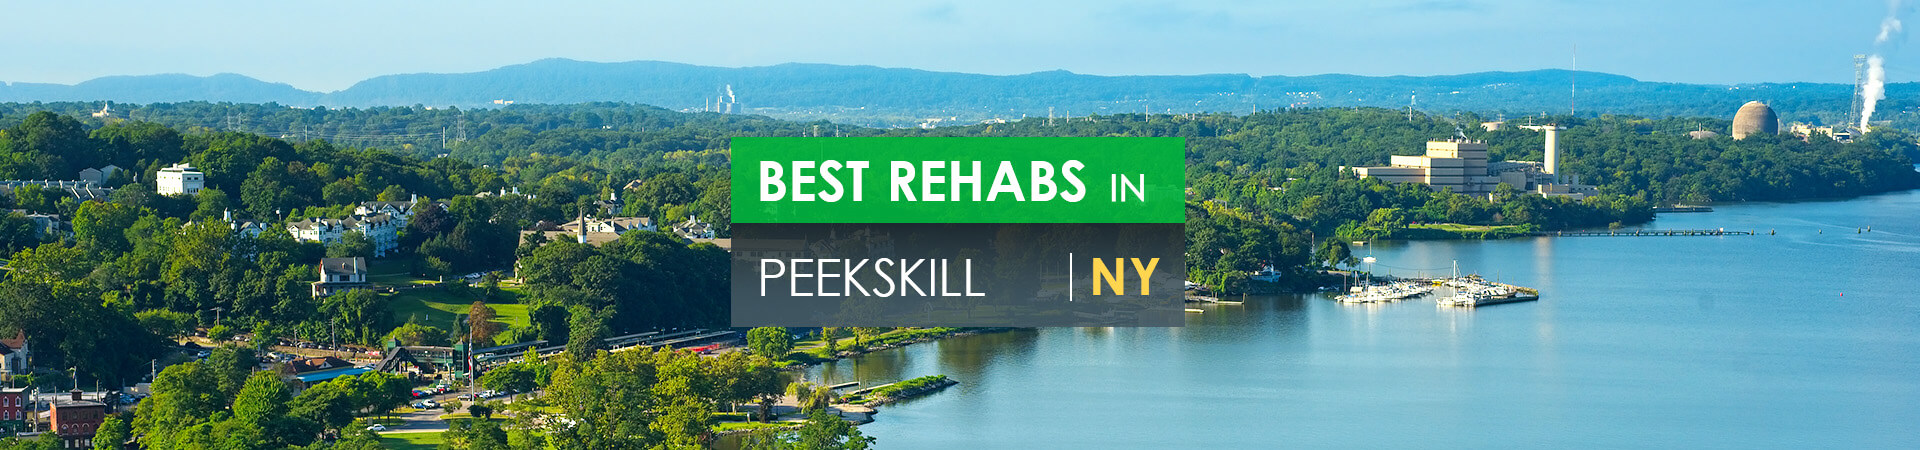 Best rehabs in Peekskill, NY